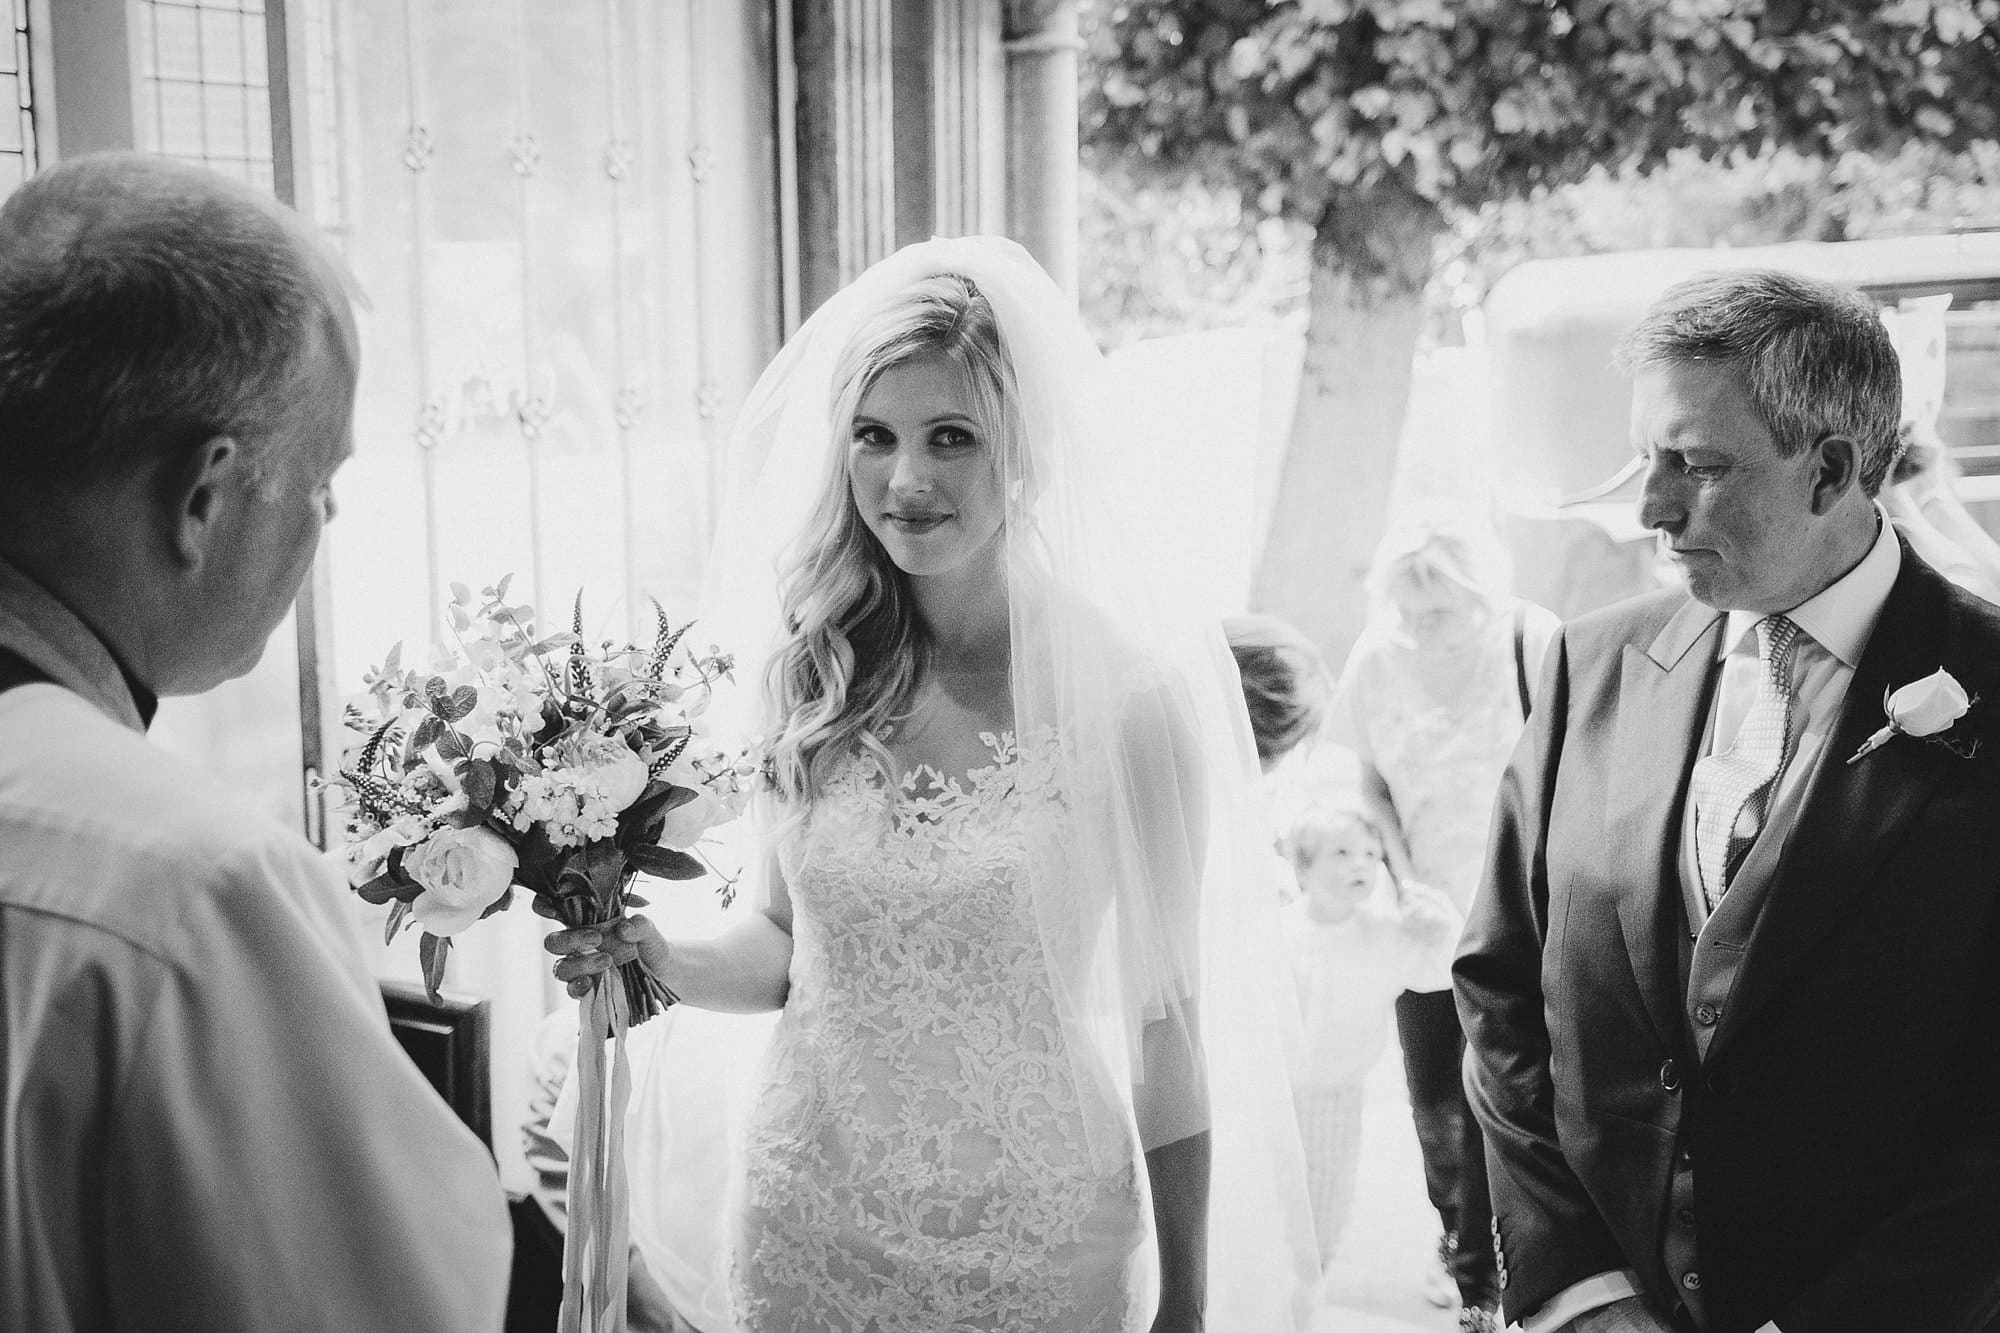 fulham palace wedding photographer 029 - Rosanna & Duncan's Fulham Palace Wedding